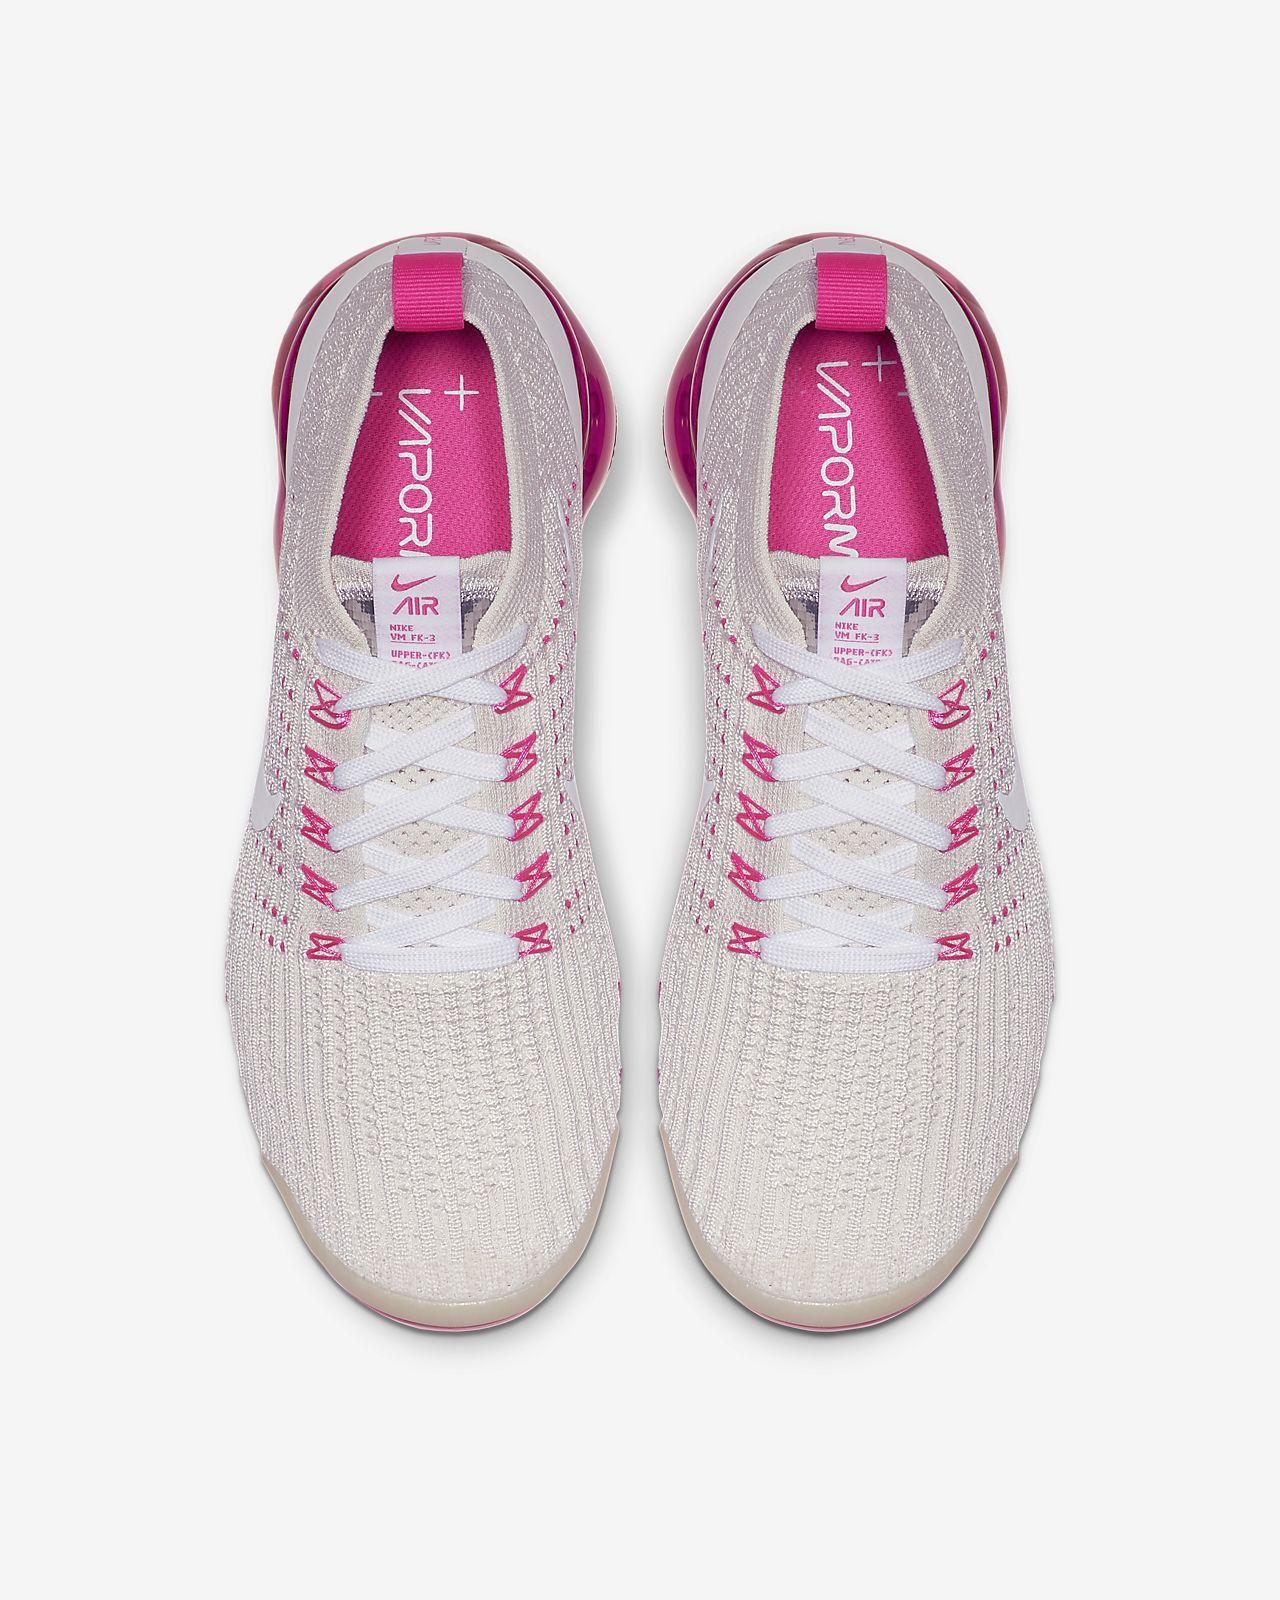 79970ce55703 Nike Air VaporMax Flyknit 3 Women s Shoe. Nike.com GB